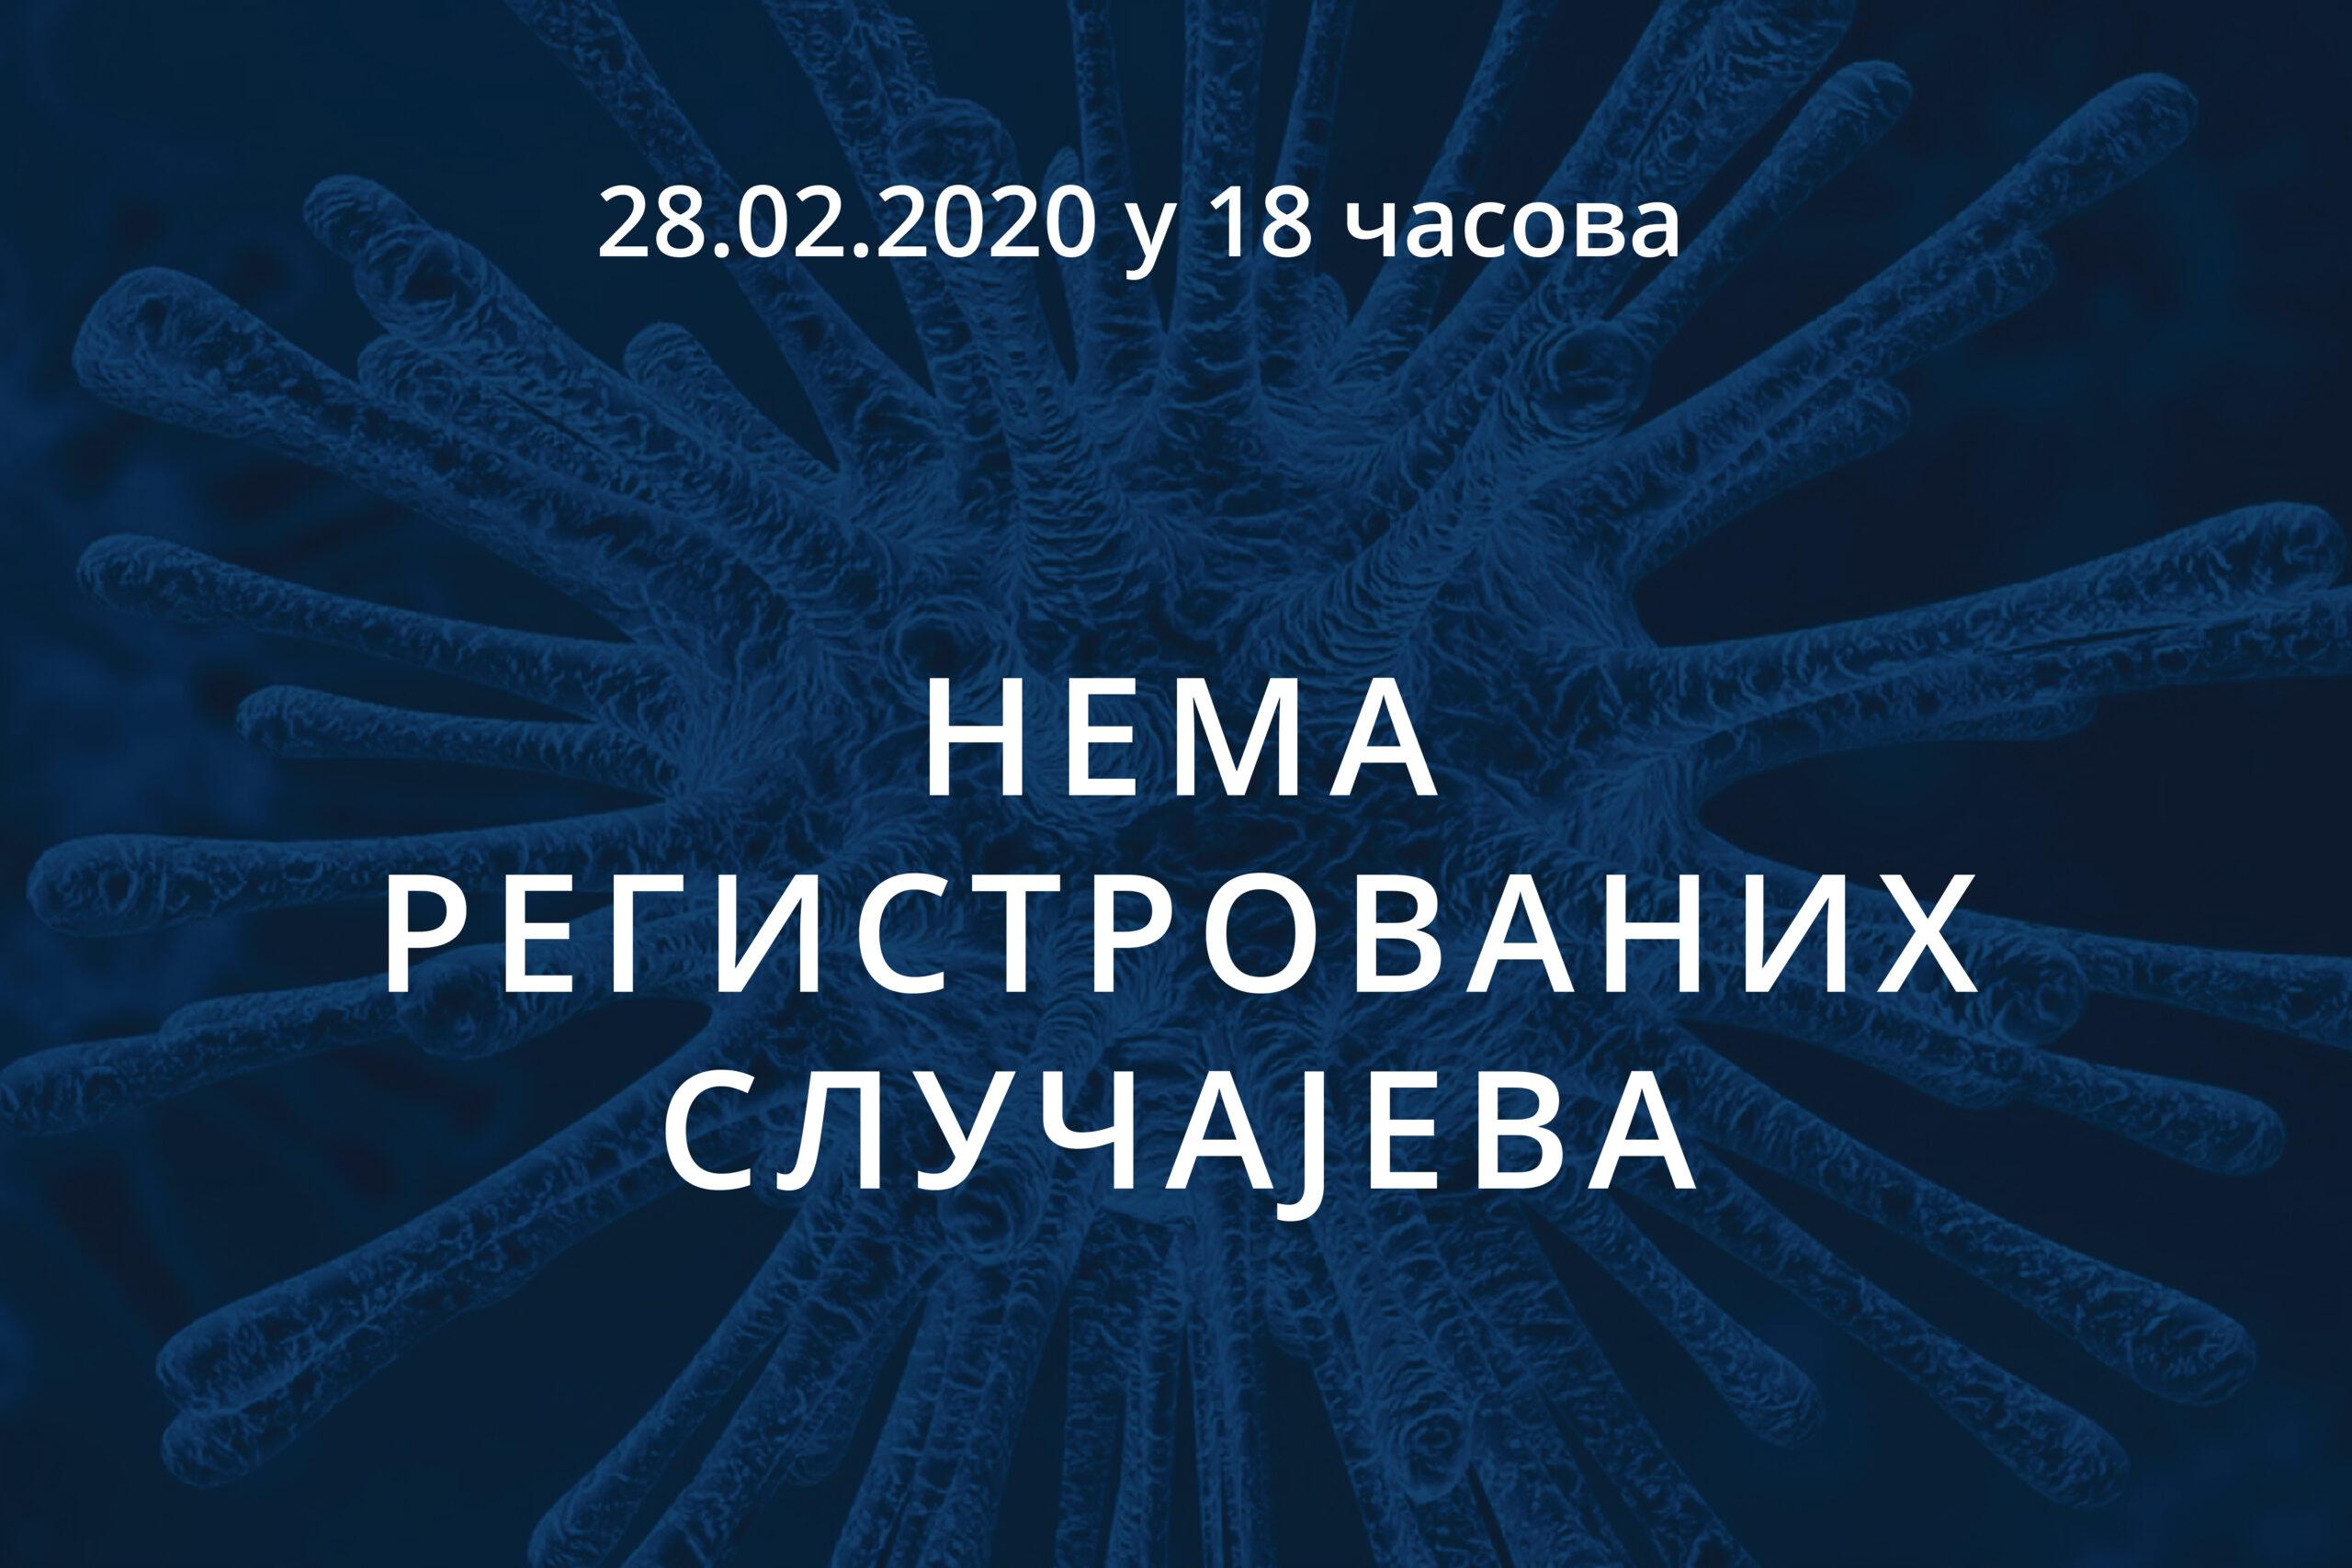 Информације о корона вирусу COVID-19, 28.02.2020 у 18 часова